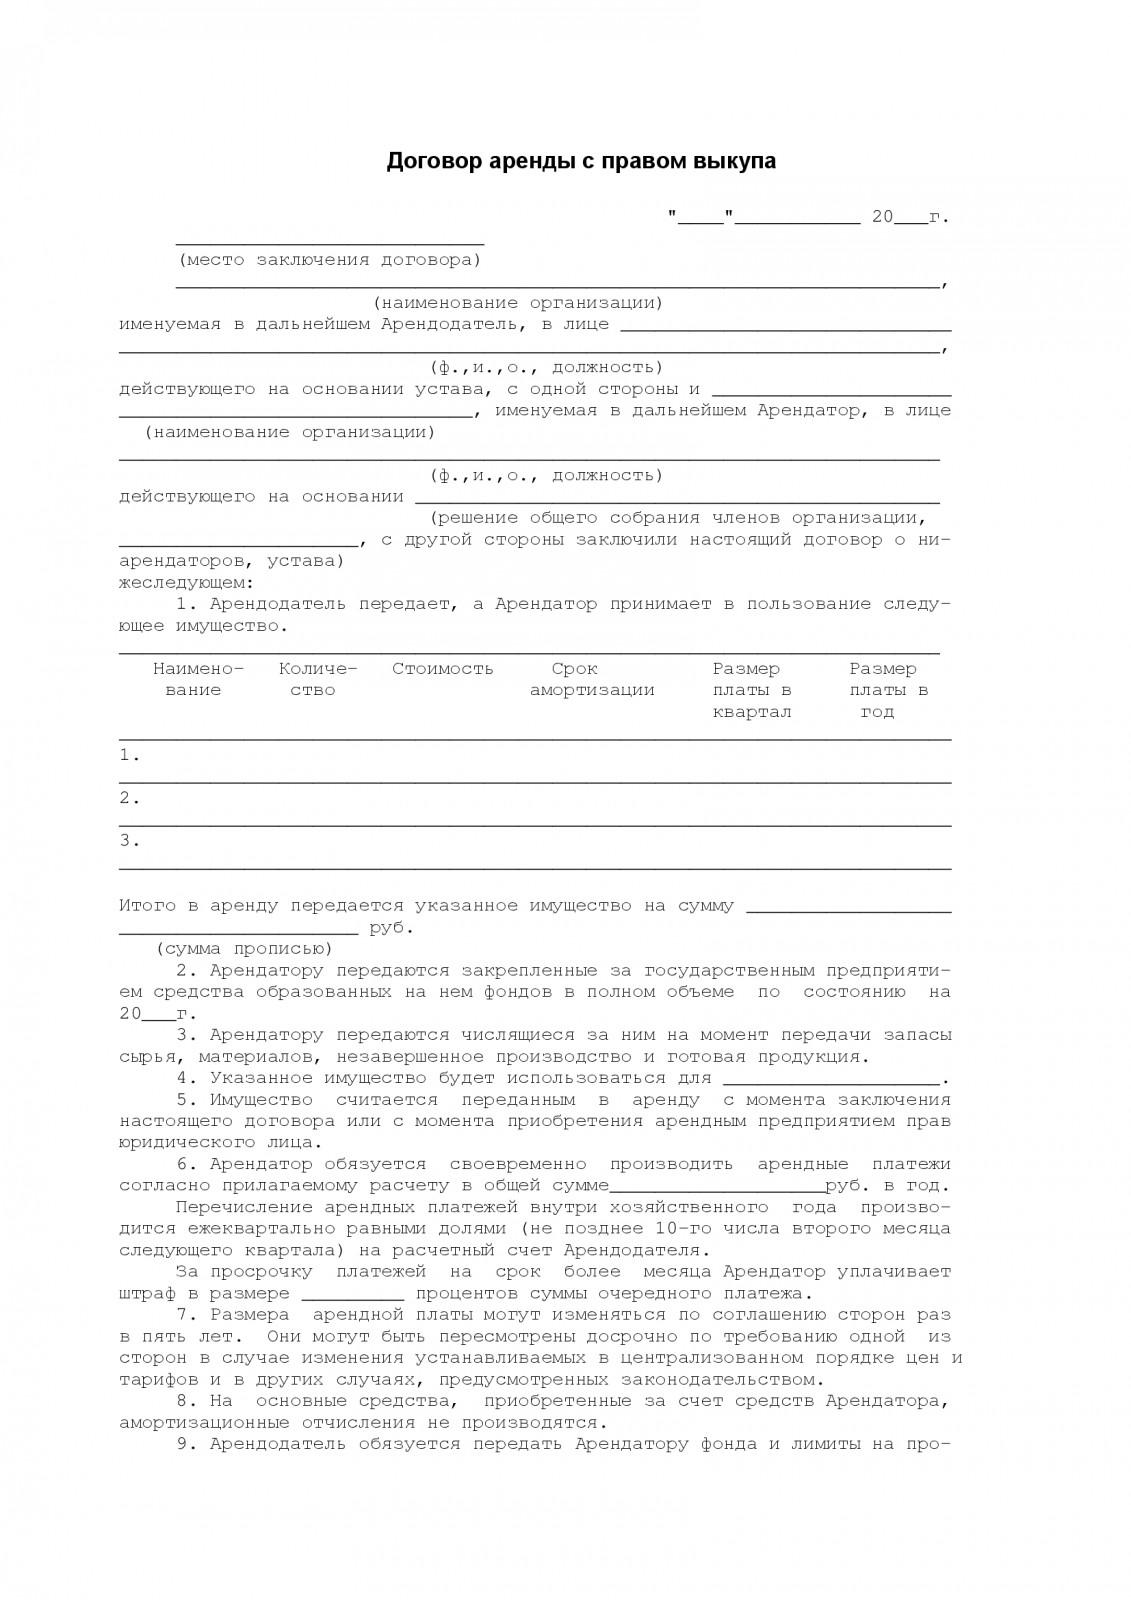 Договор аренды имущества с правом выкупа скачать